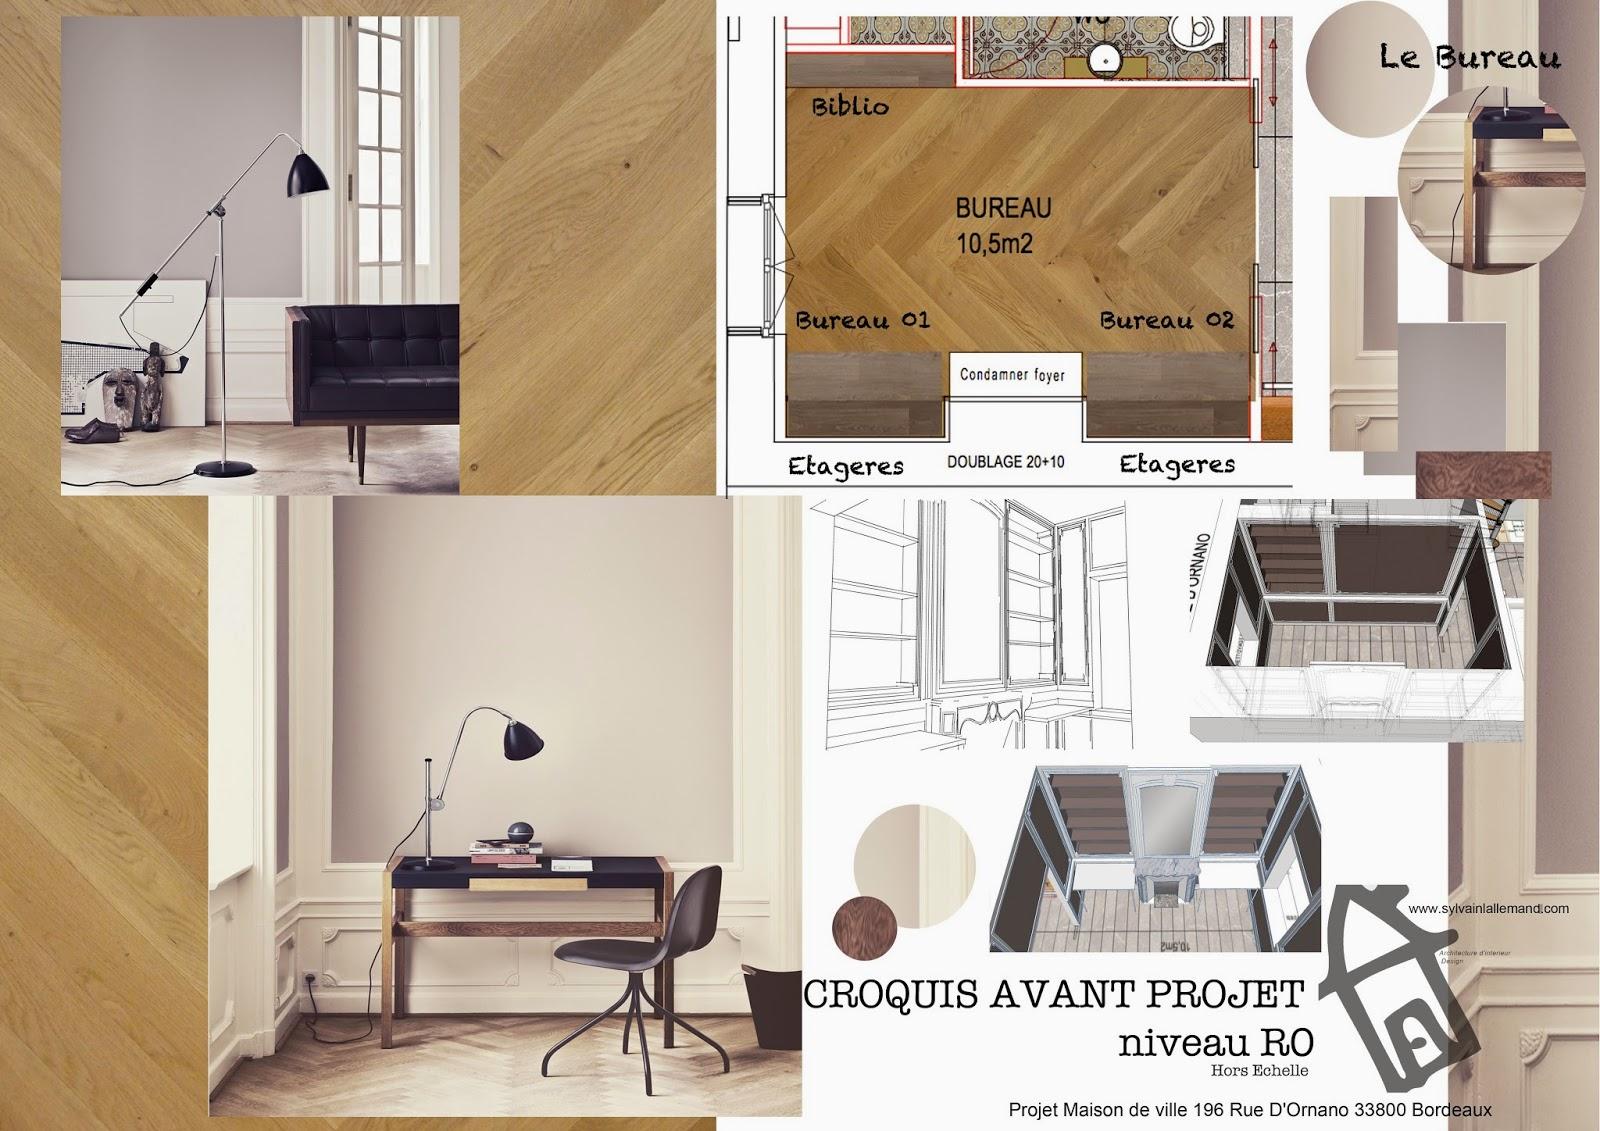 sylvain lallemand renovation et transforamation d 39 une echope bordealaise sylvain lallemand. Black Bedroom Furniture Sets. Home Design Ideas